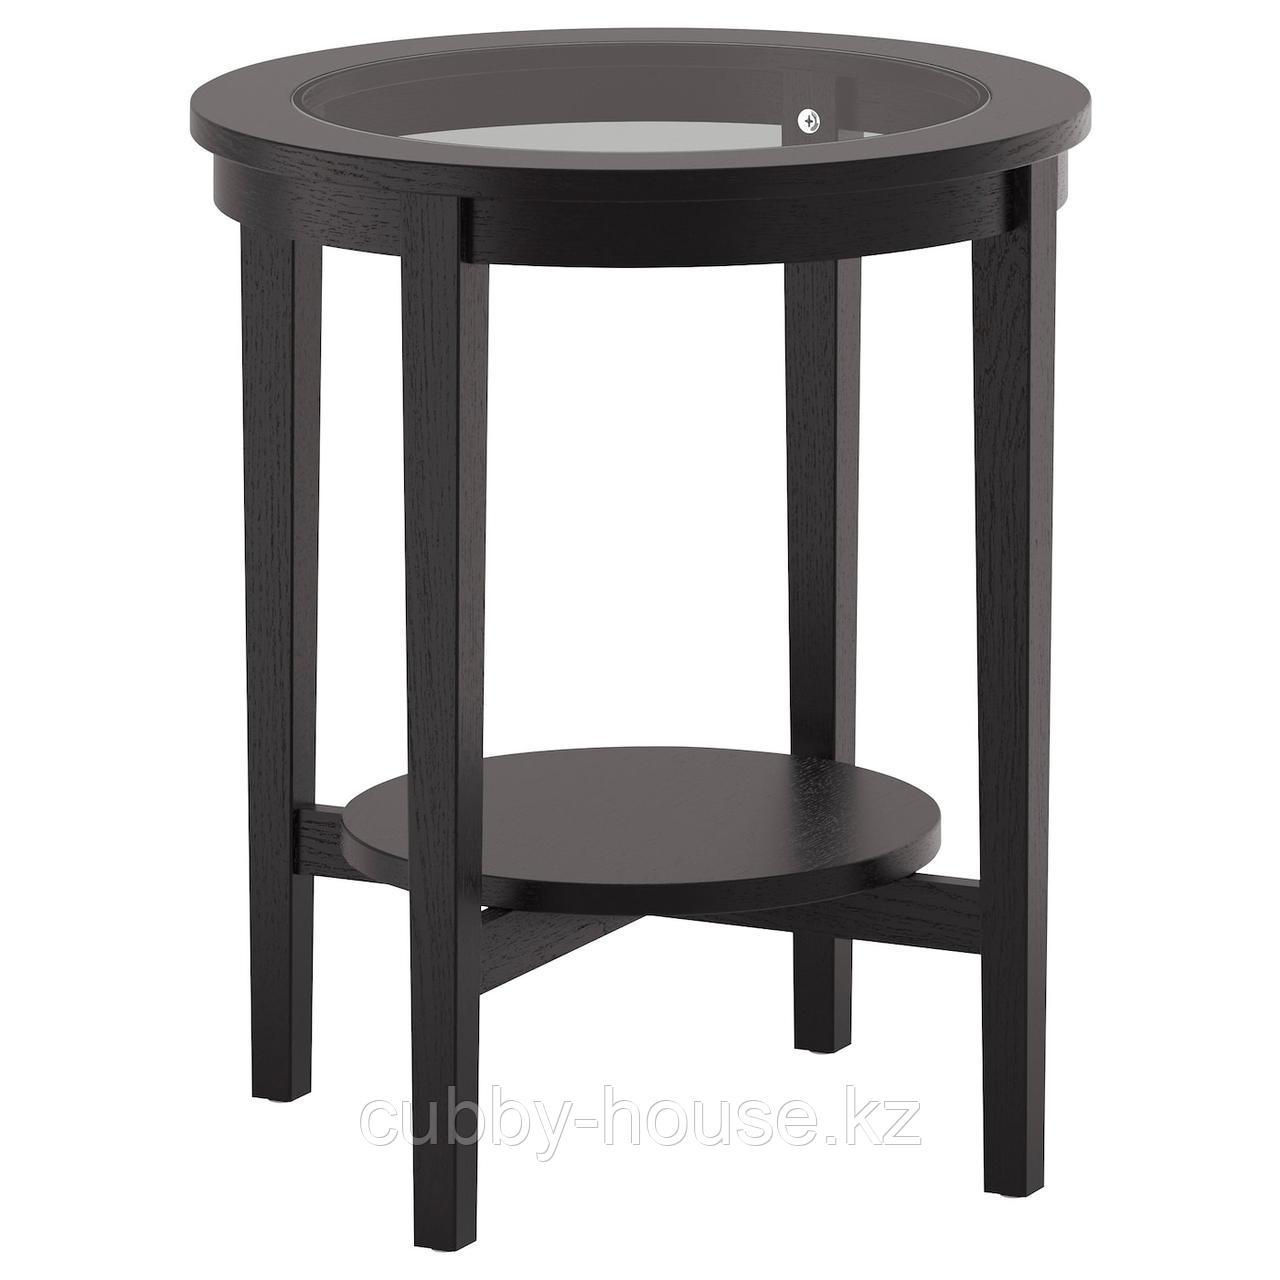 МАЛМСТА Придиванный столик, черно-коричневый, 54 см